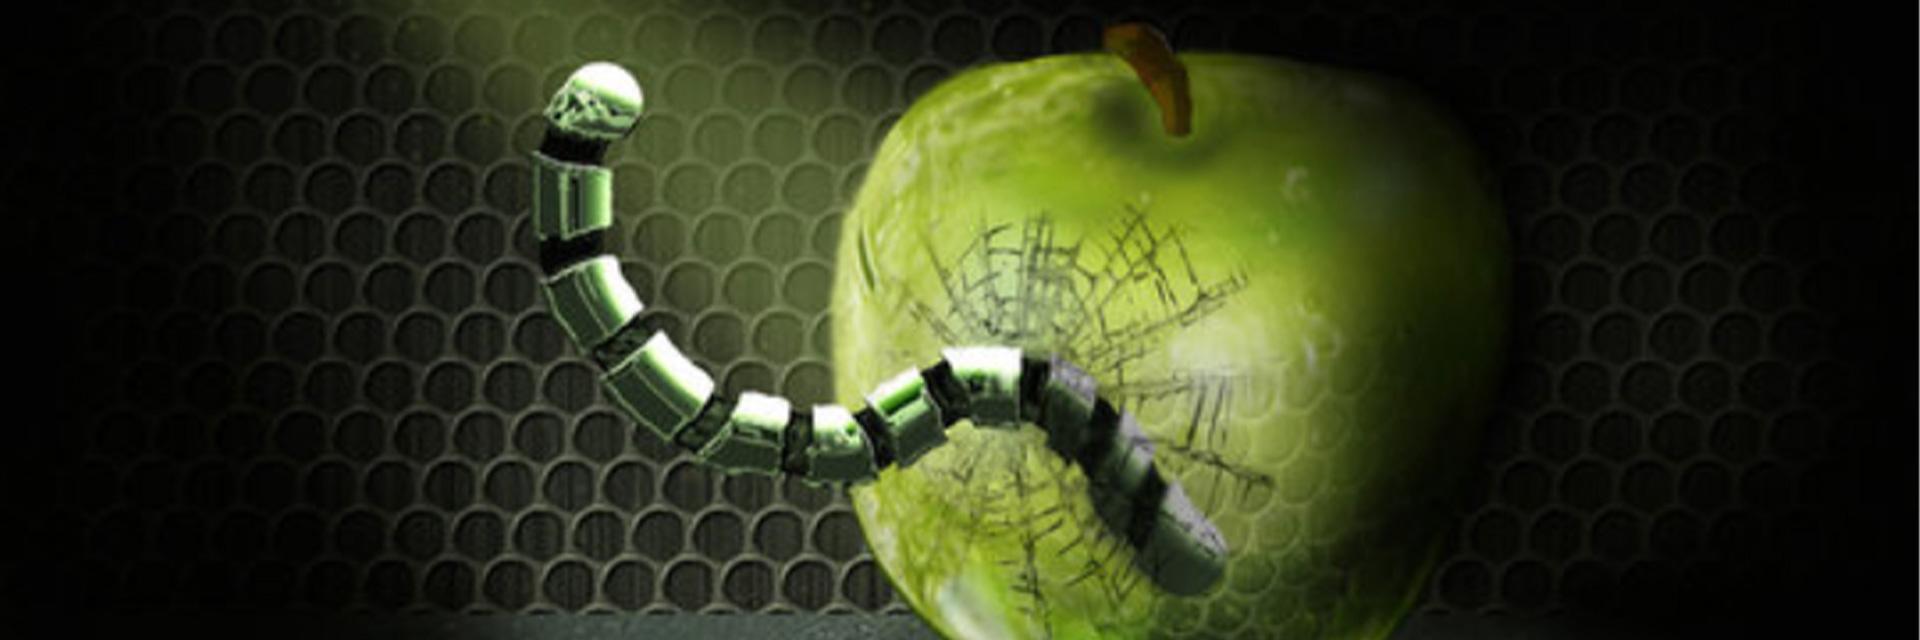 Был выявлен первый вредоносный софт на процессоре apple m1